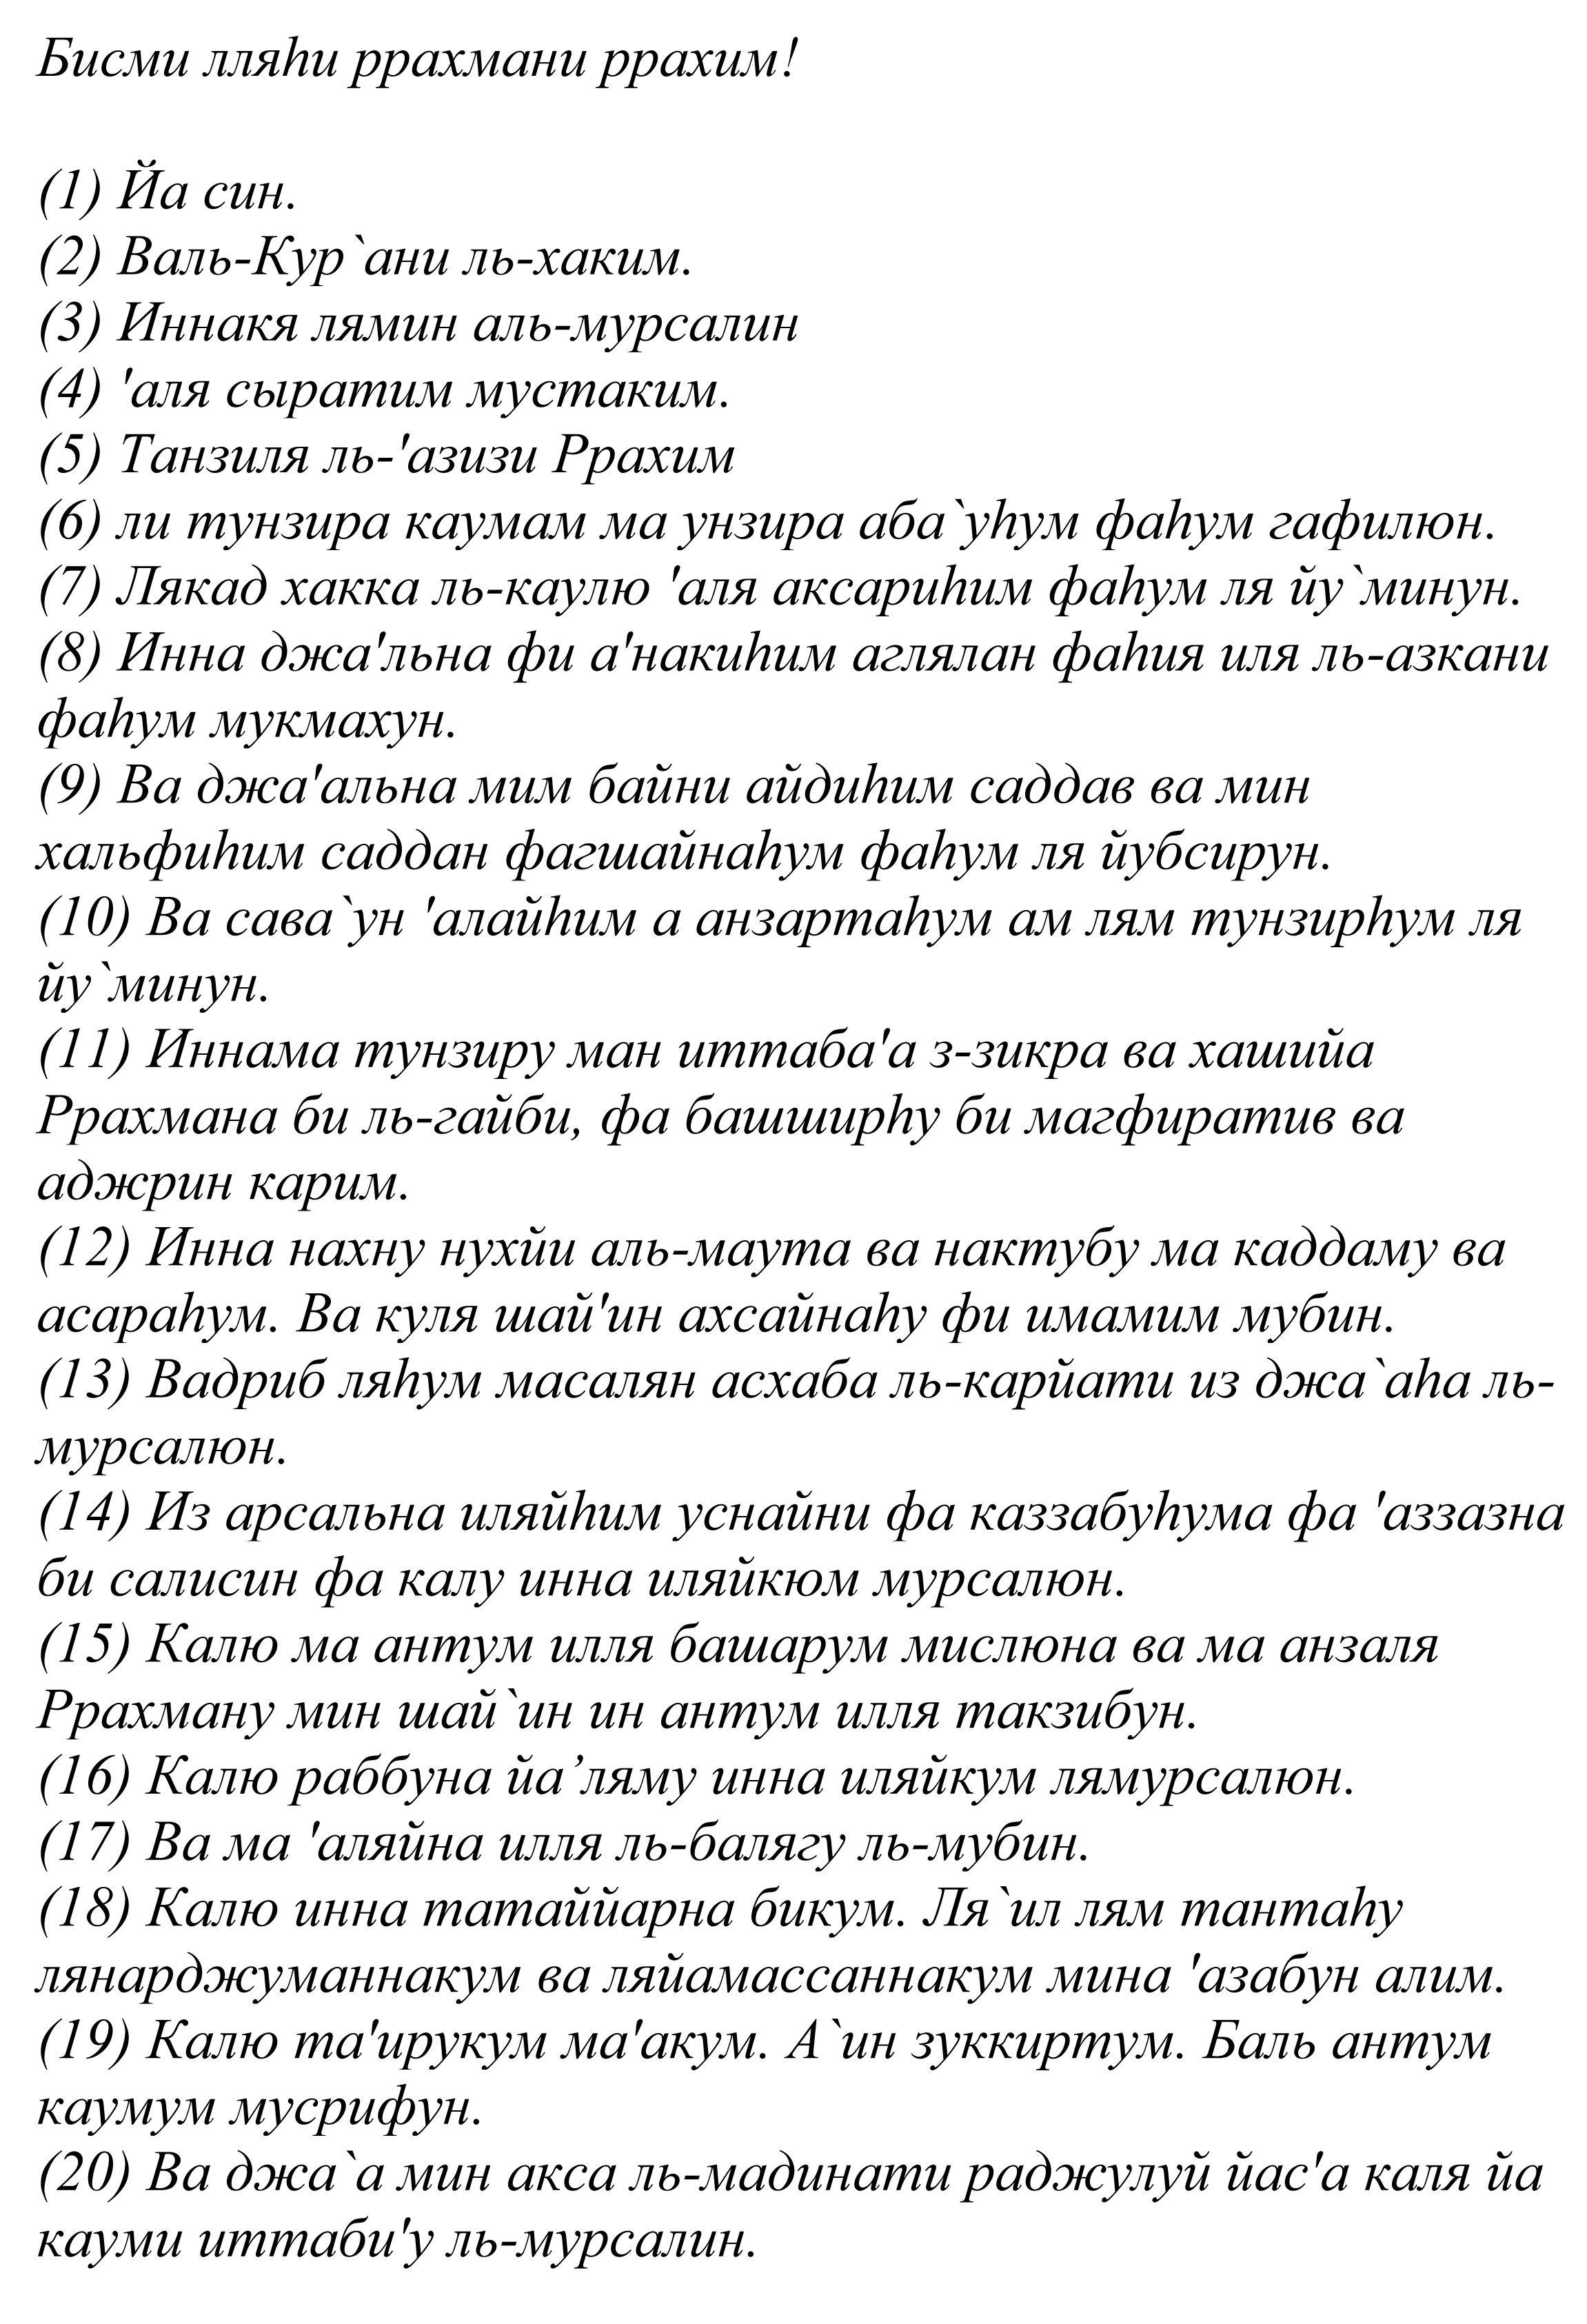 Molitva Yasin Na Russkom Yazyke Chitat Molitvy Religioznye Citaty Vazhnye Citaty